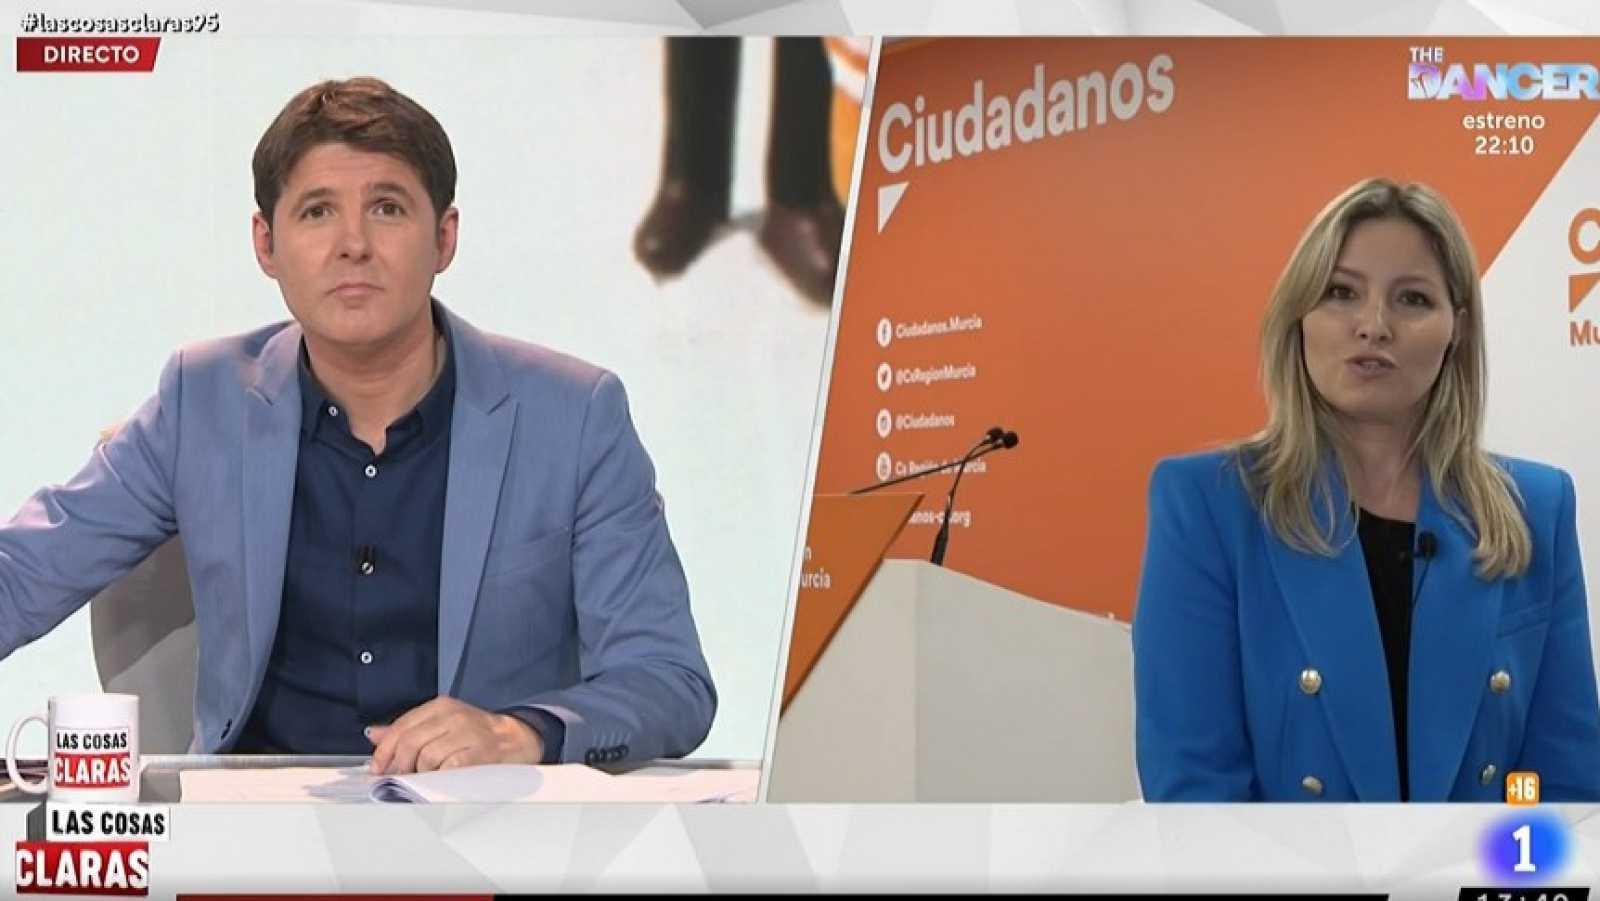 """Martínez Vidal, de Ciudadanos: """"En vista de los acontecimientos, la decisión de formar Gobierno en Murcia con el PP fue errónea"""""""